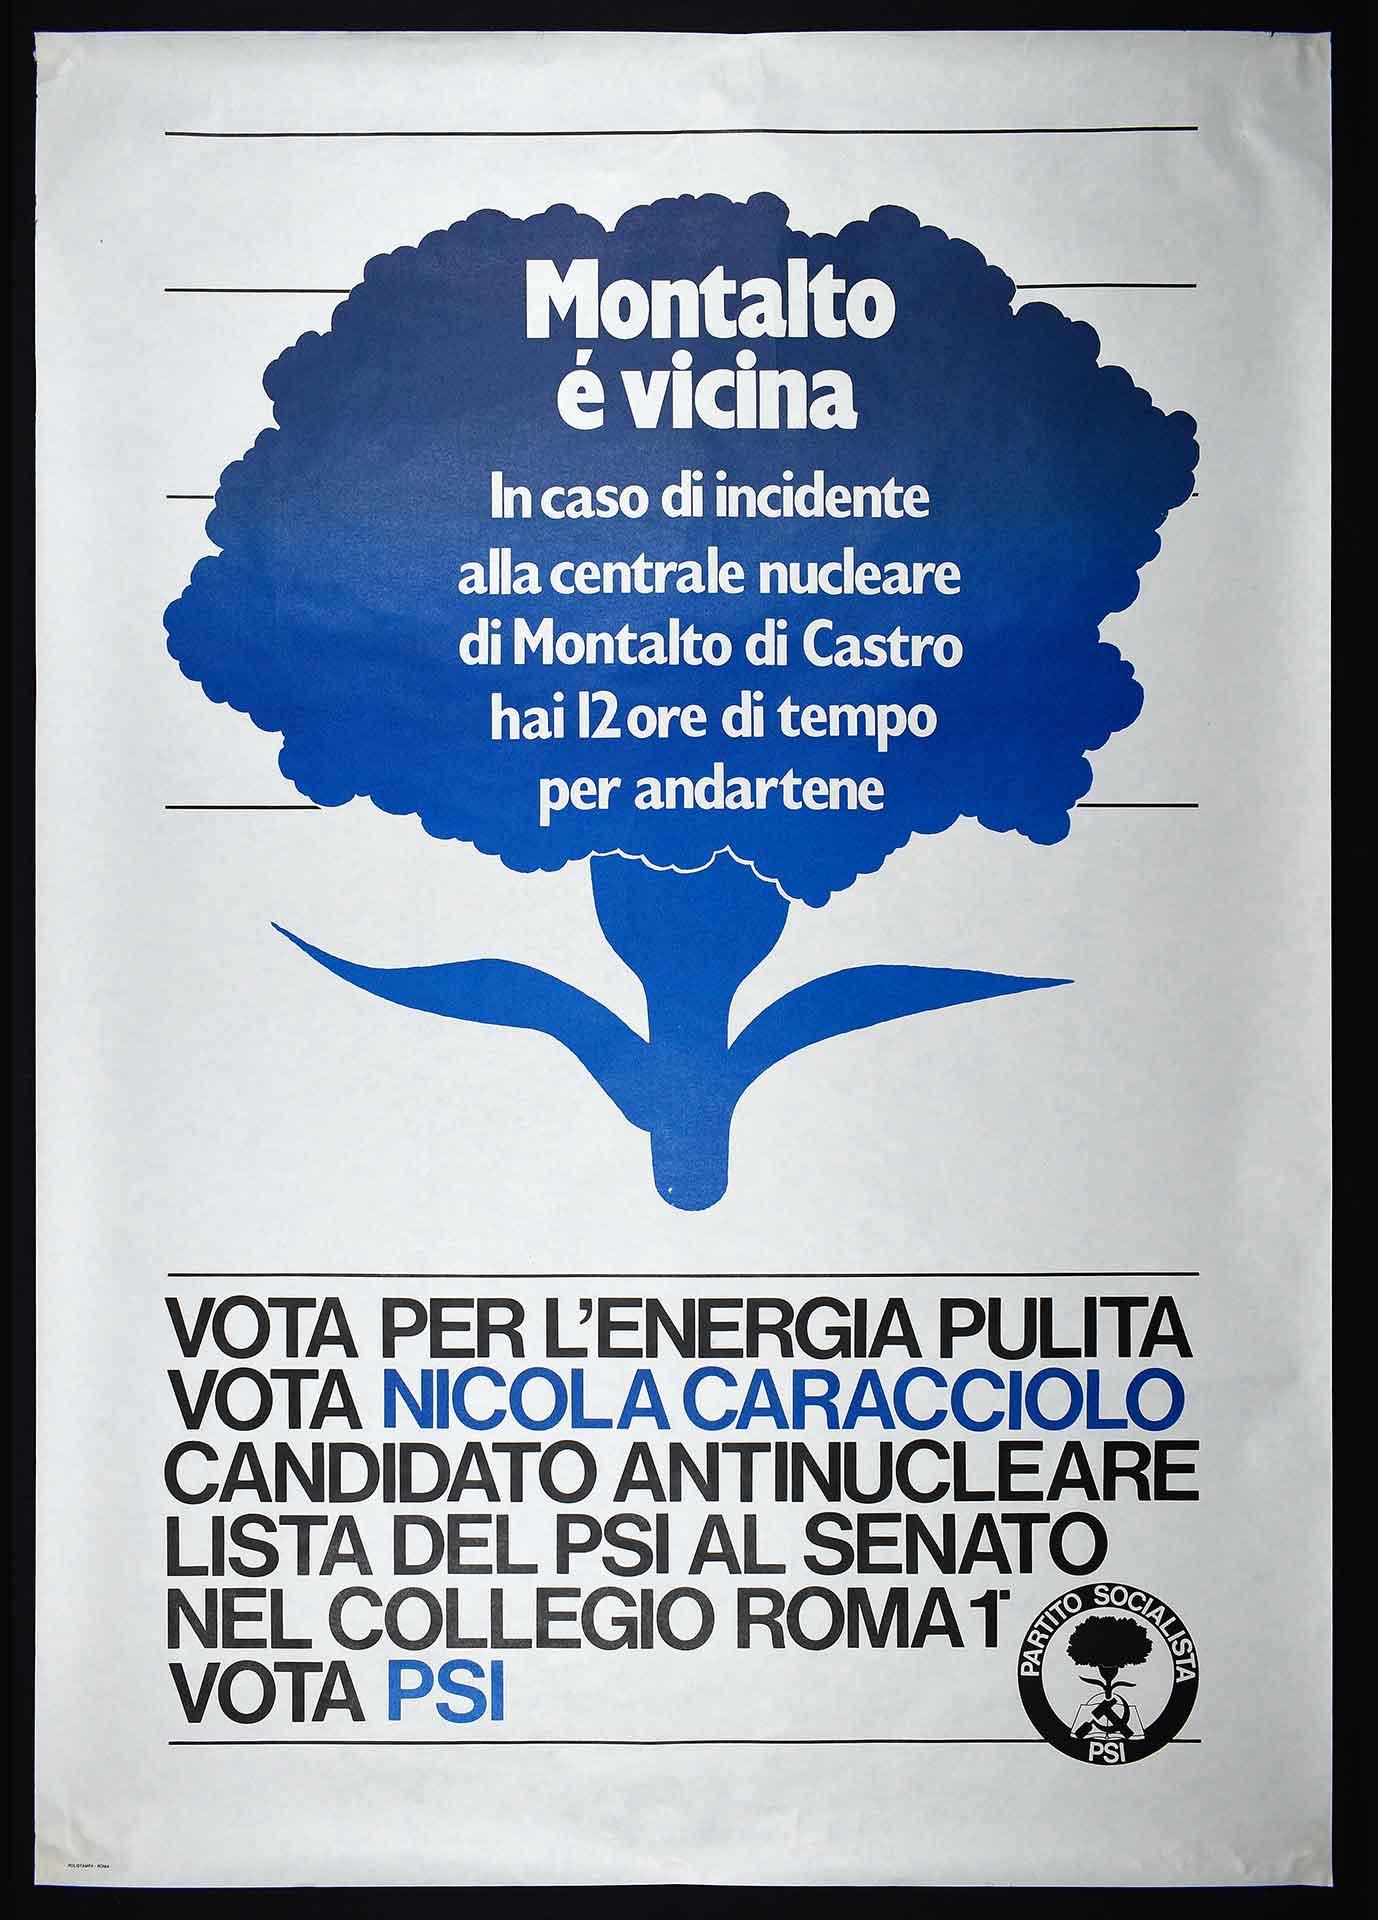 Nicola Caracciolo candidato antinucleare nella lista del Partito socialista italiano (PSI) al Senato. Stampa Polistampa, Roma. Campagna elettorale.